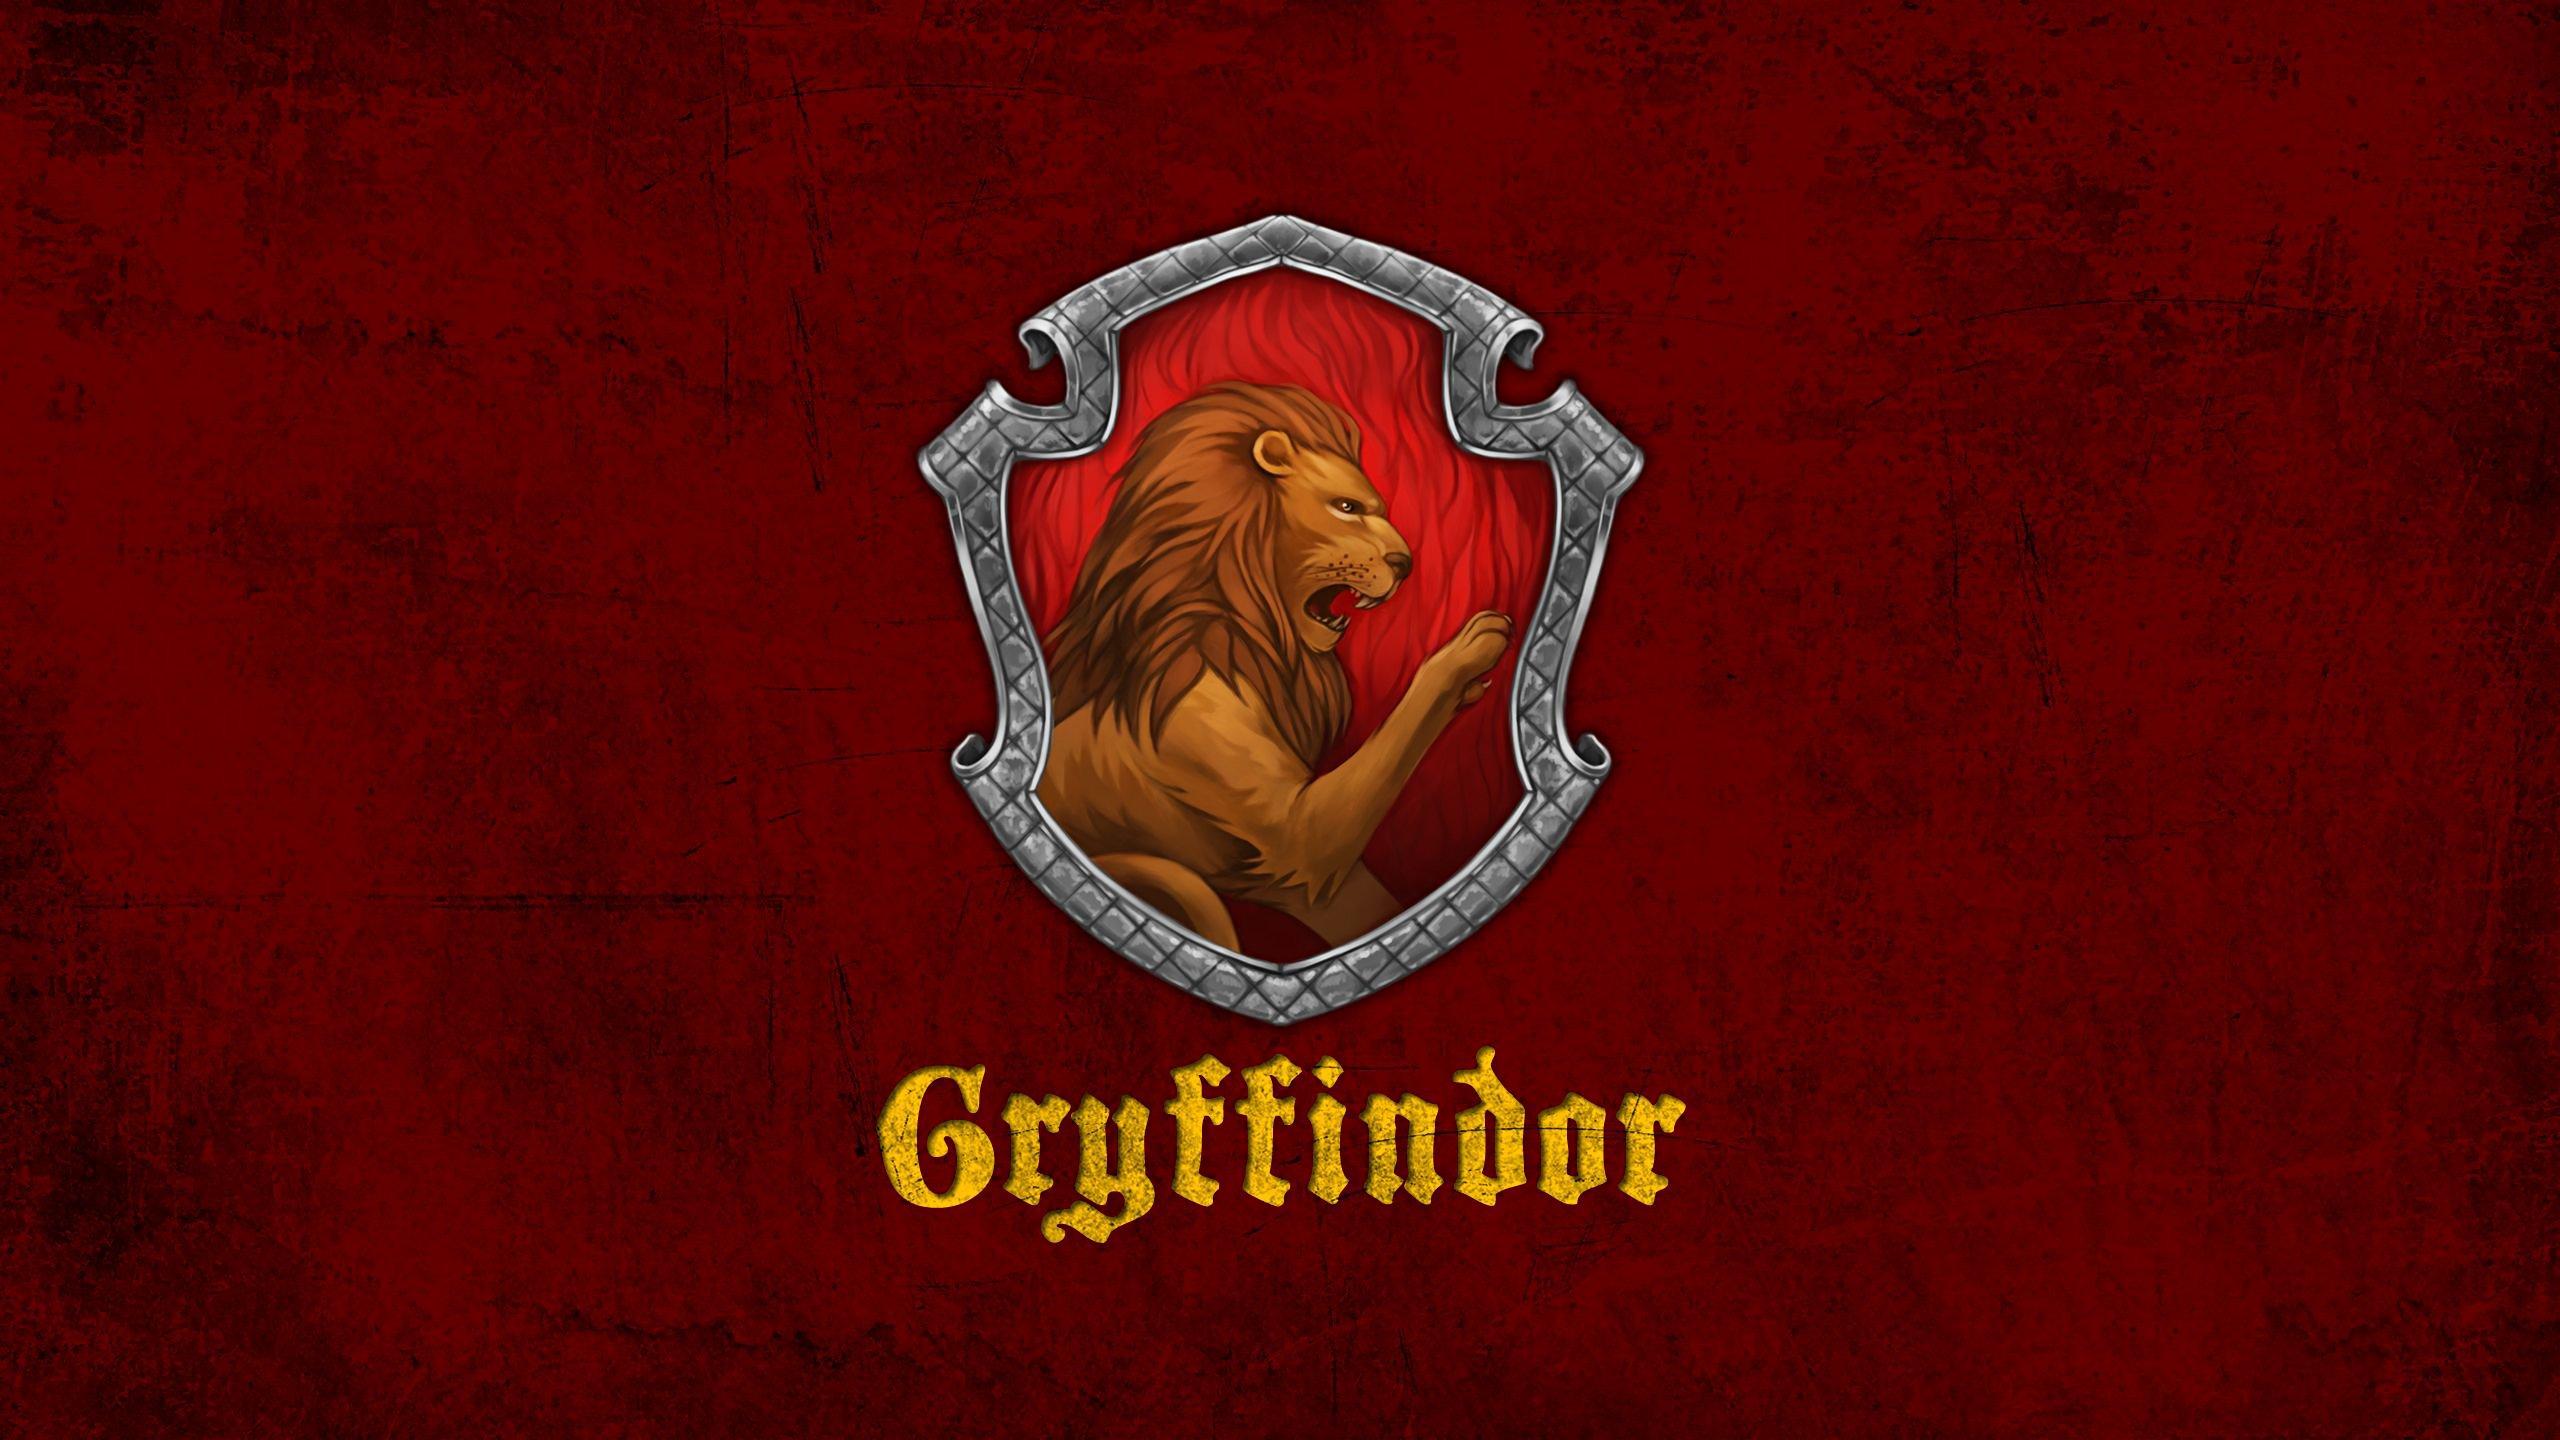 Fondos de pantalla Insignia Gryffindor de Harry Potter